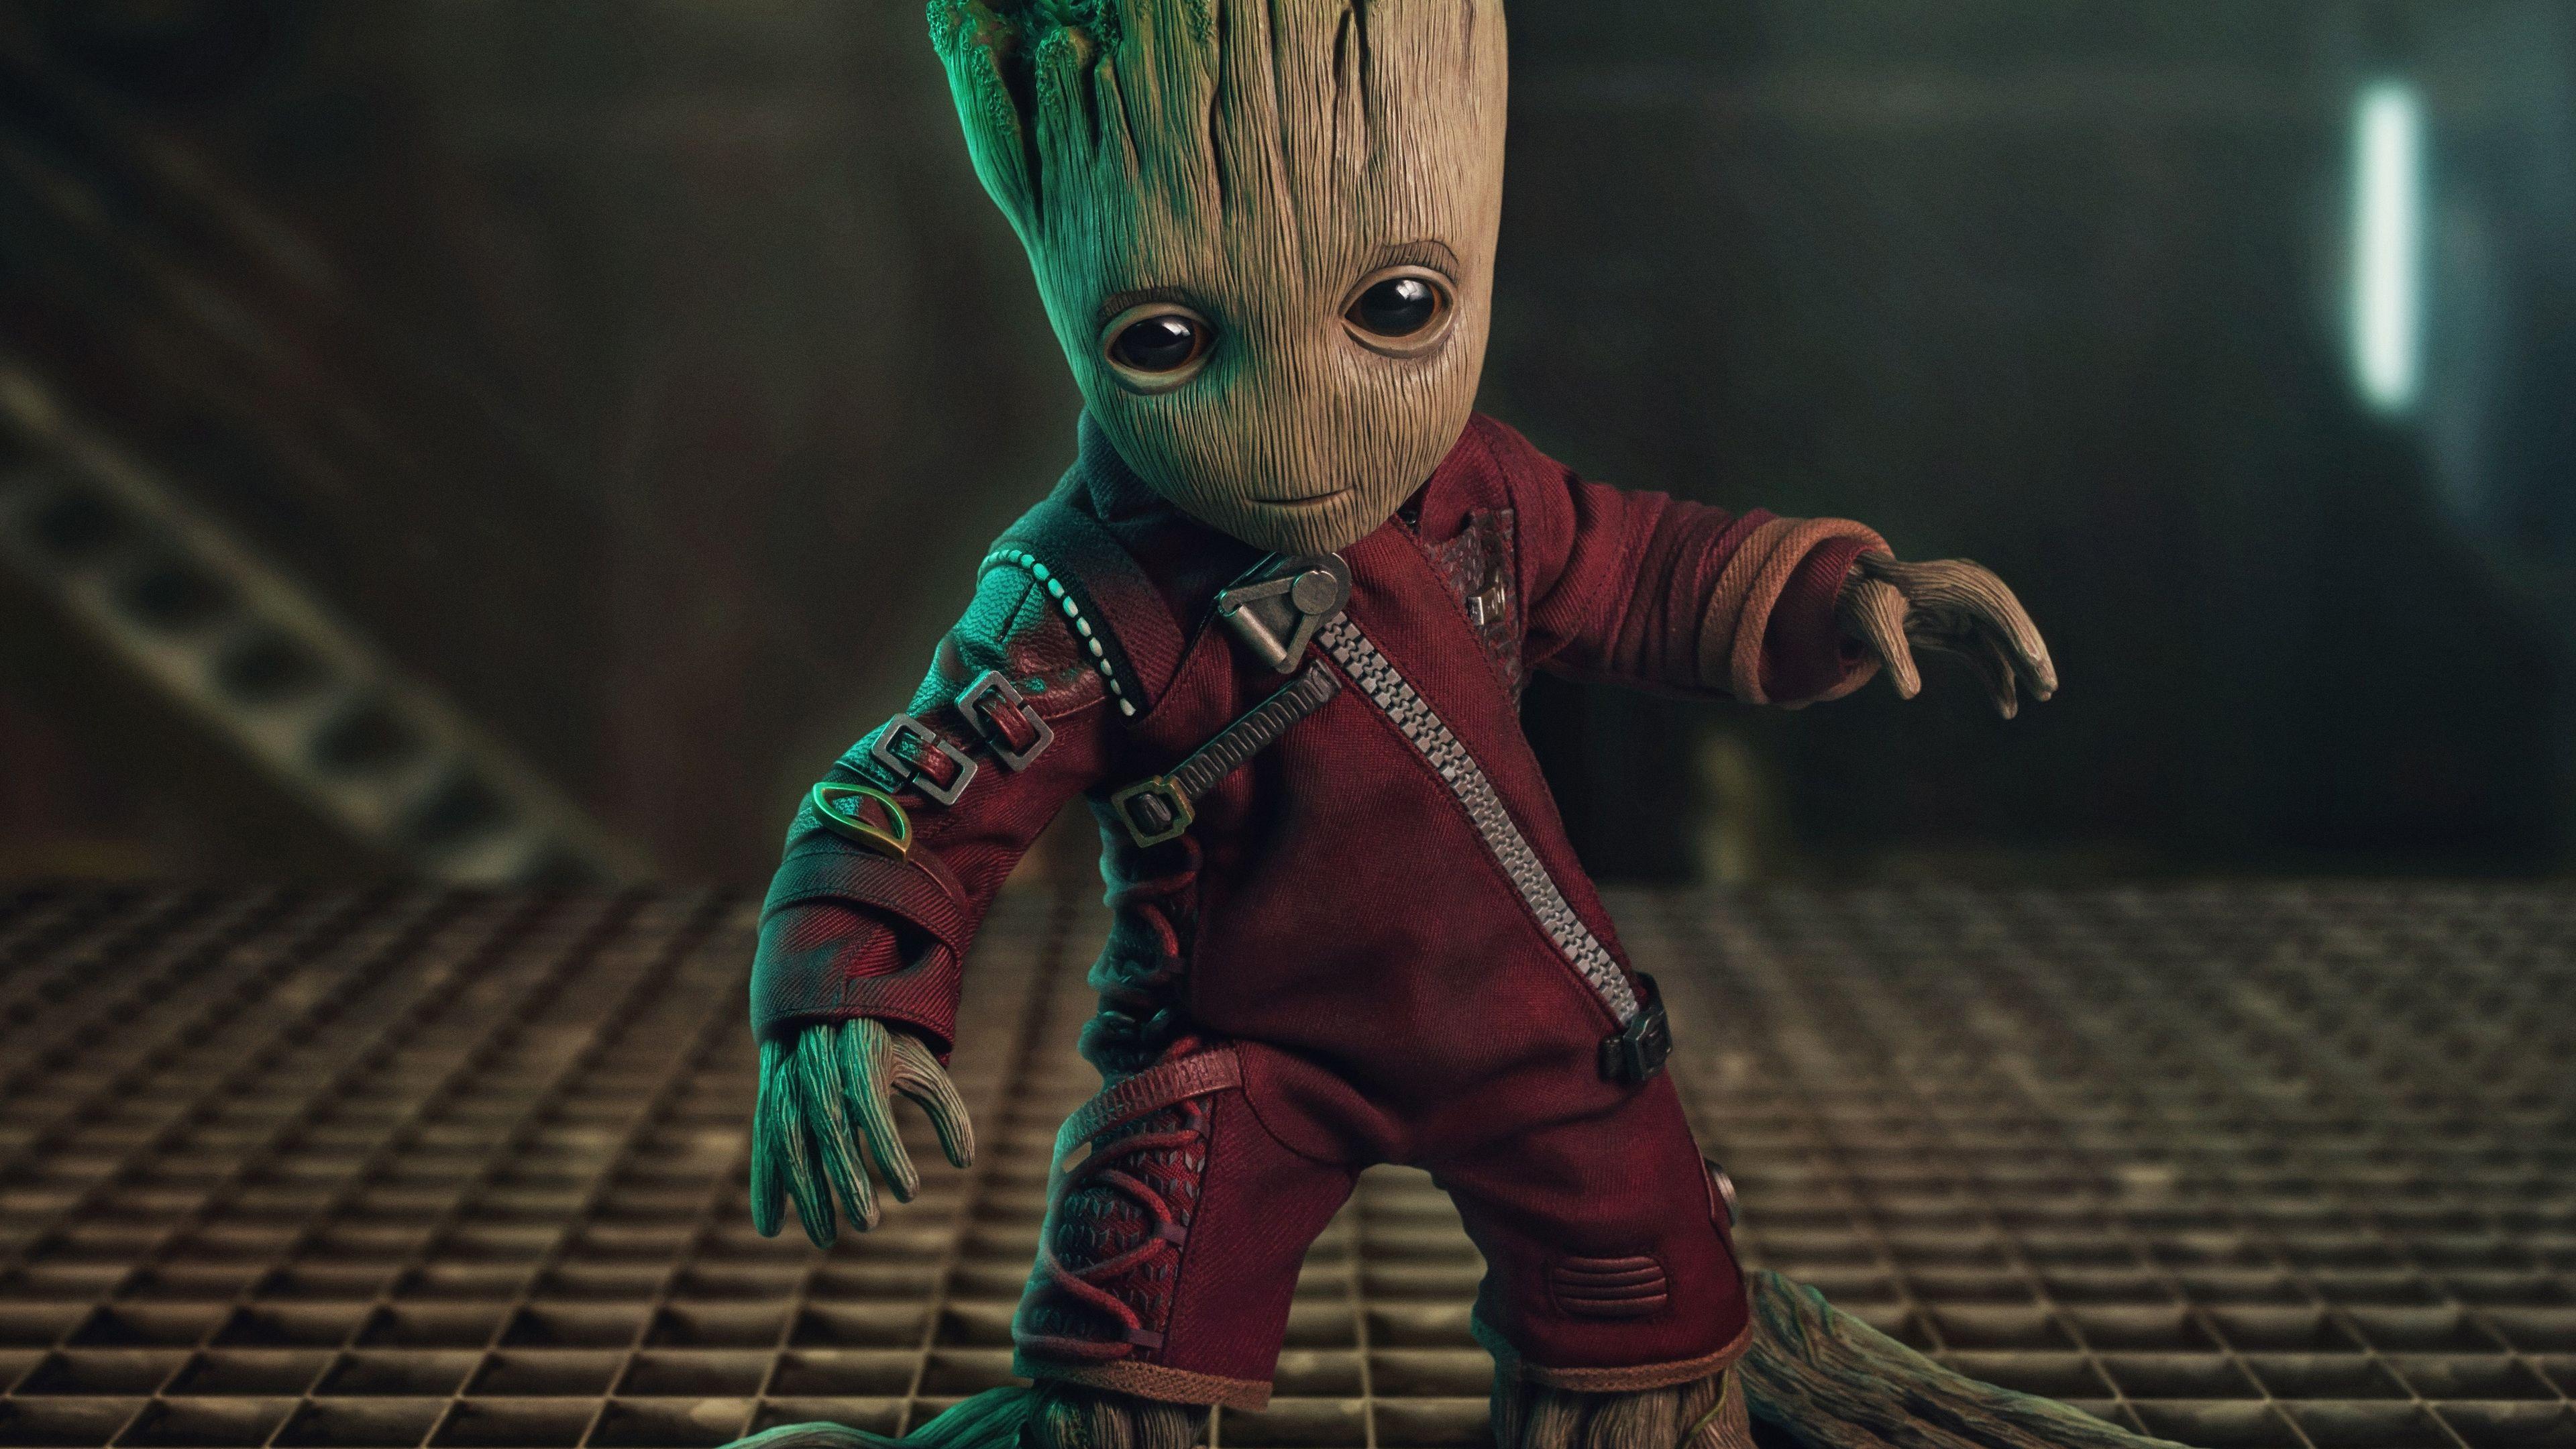 Baby Groot 5k Superheroes Wallpapers Hd Wallpapers Groot